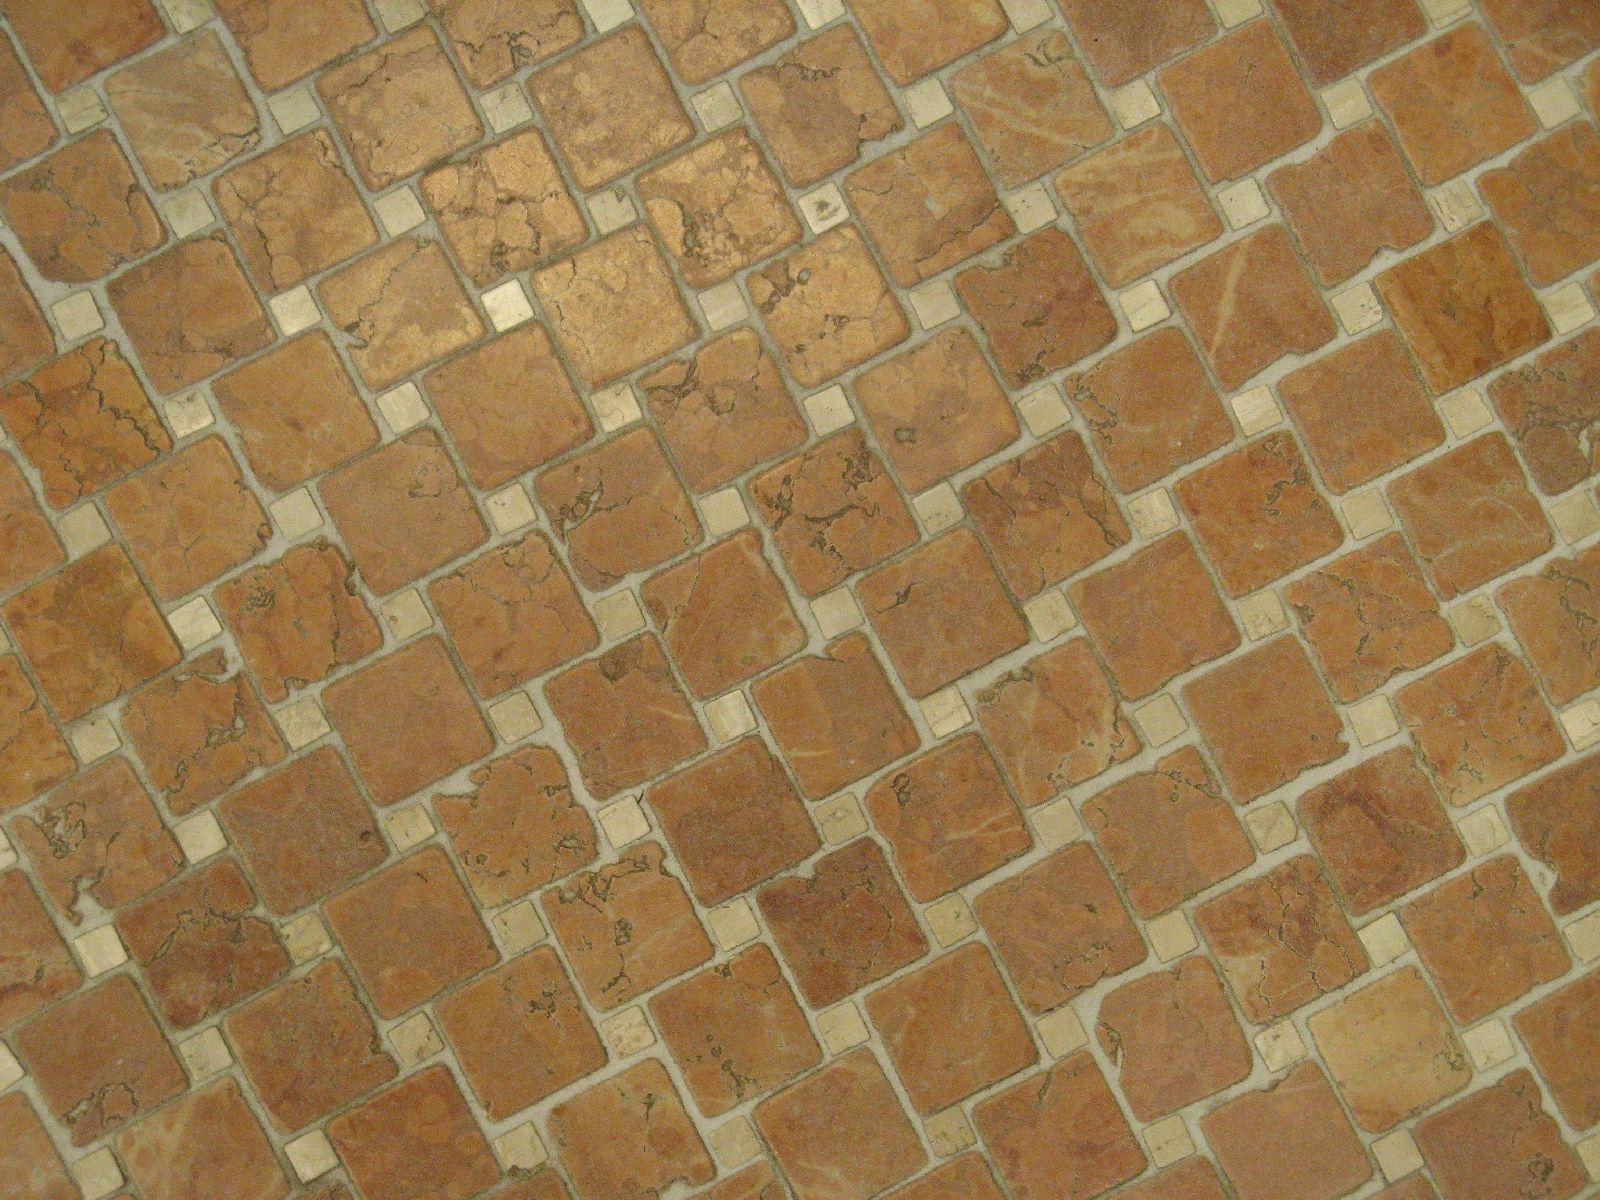 Ground-Urban_Texture_B_4690